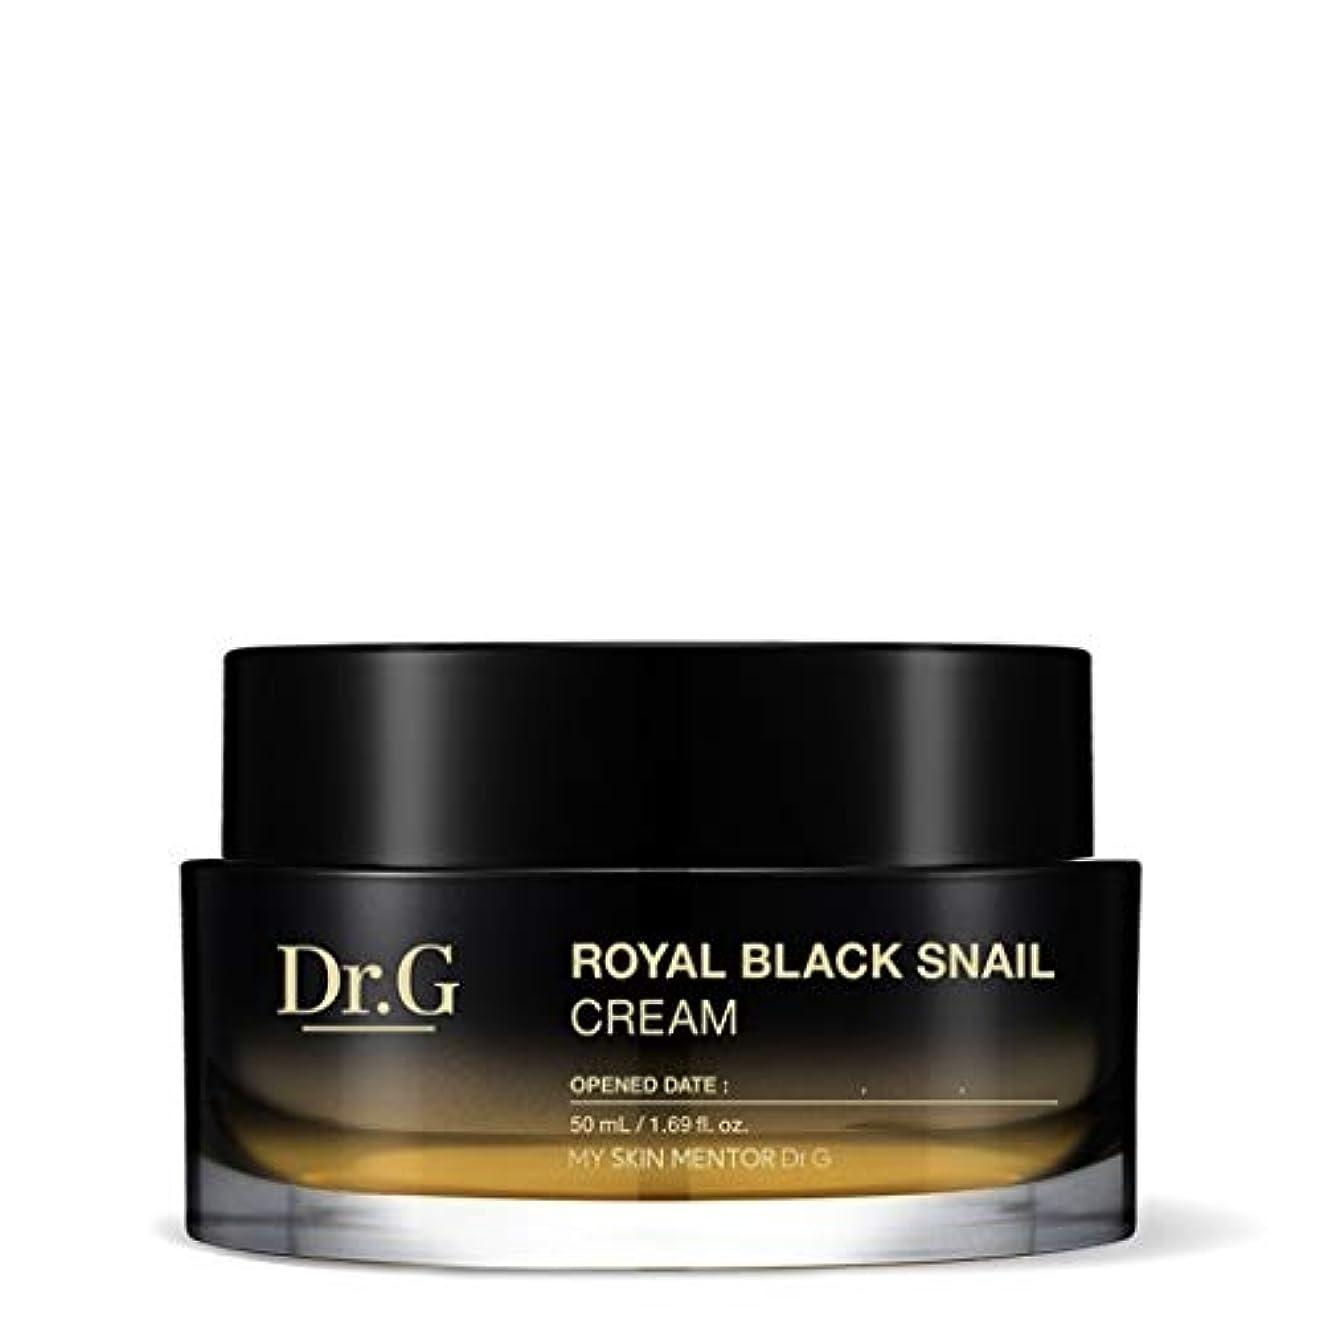 保存中砲兵[Dr.Gドクタージー] ロイヤルブラックスネイルクリーム 50ml / Royal Black Snail Cream